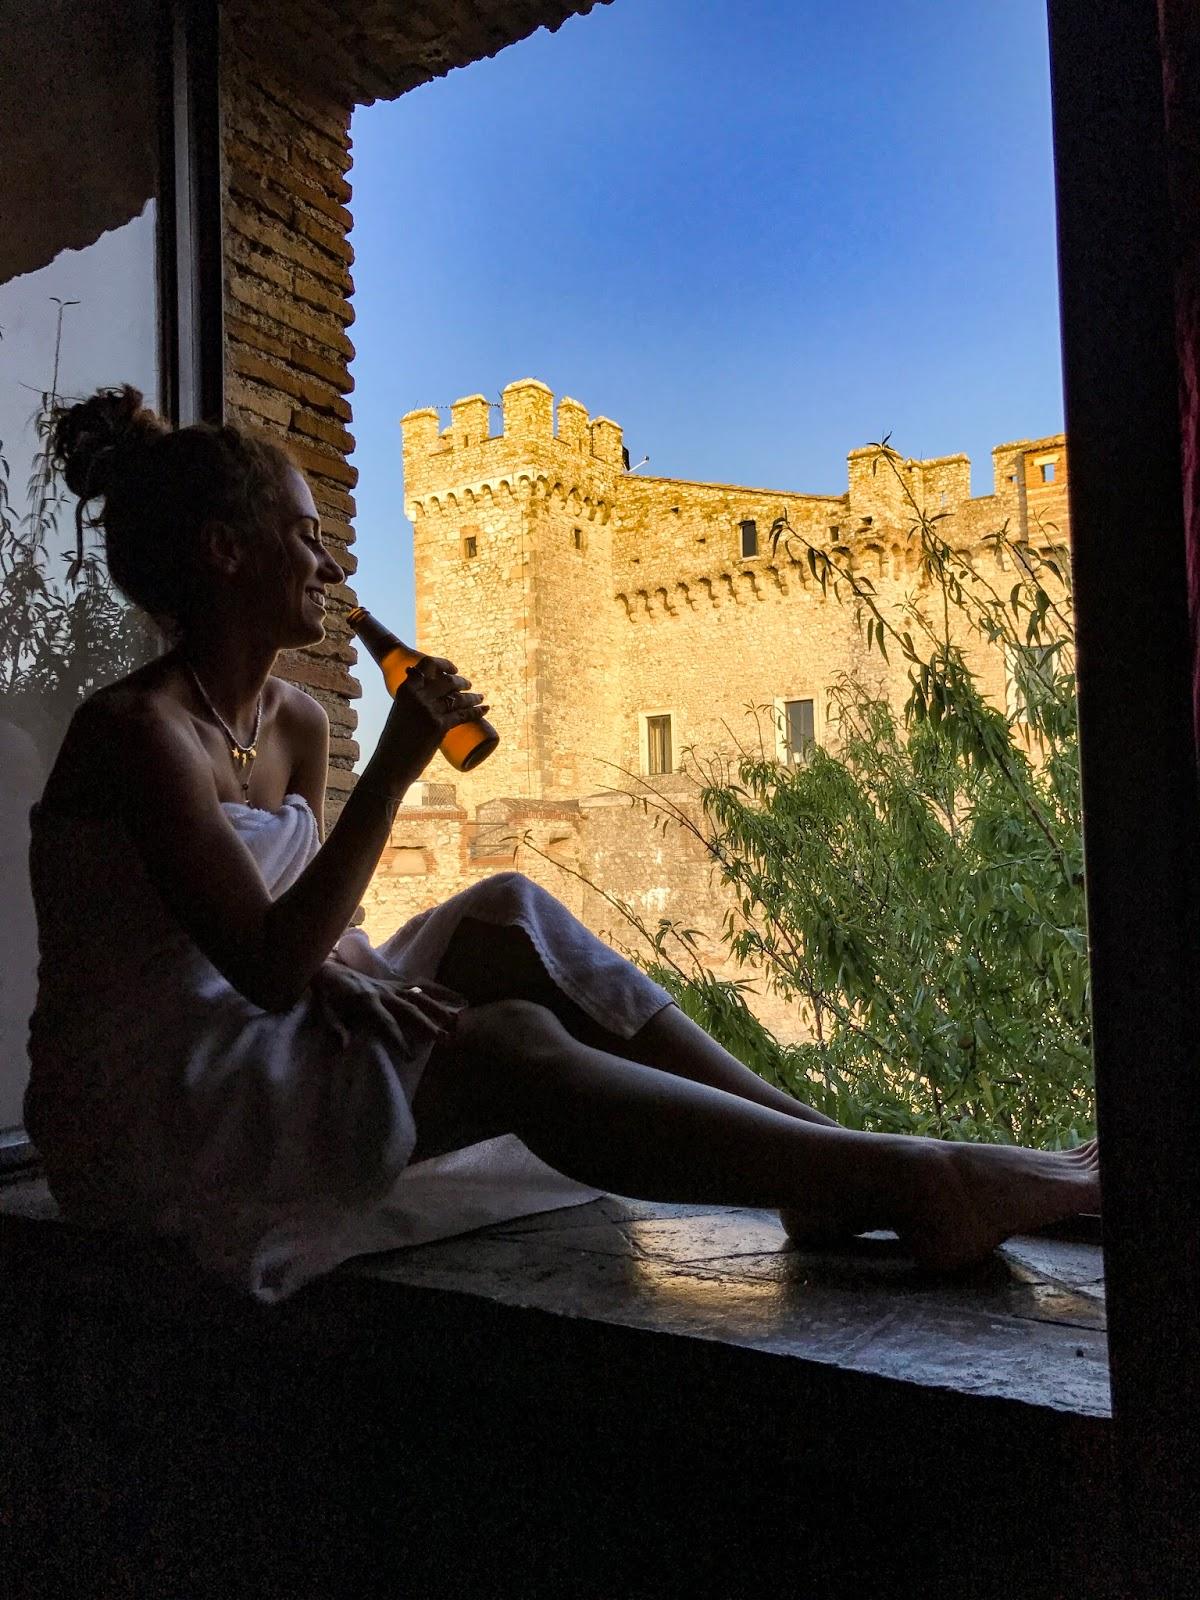 dormire una notte in un castello, castello Orsini nerola, castello Orsini, nerola, fashion need, Valentina Rago, fashion need travels, dormire in un castello, pirati in viaggio, dormire castelli, più bei castelli d'Italia, Andrea, cenare in un castello,